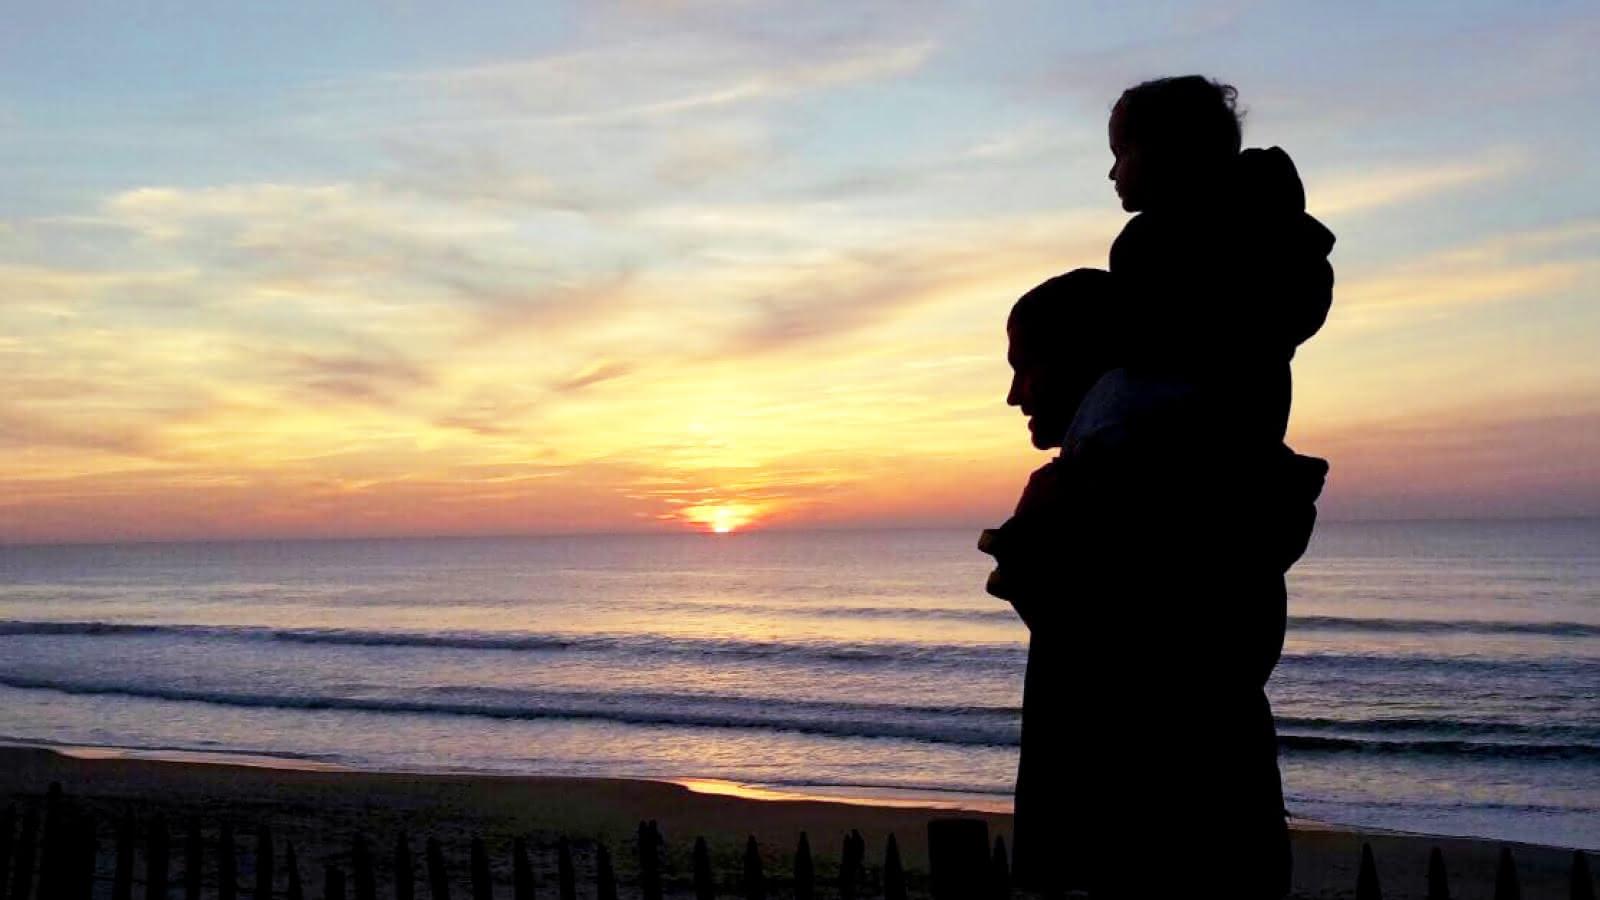 Coucher de soleil Carcans Plage - © Médoc Atlantique